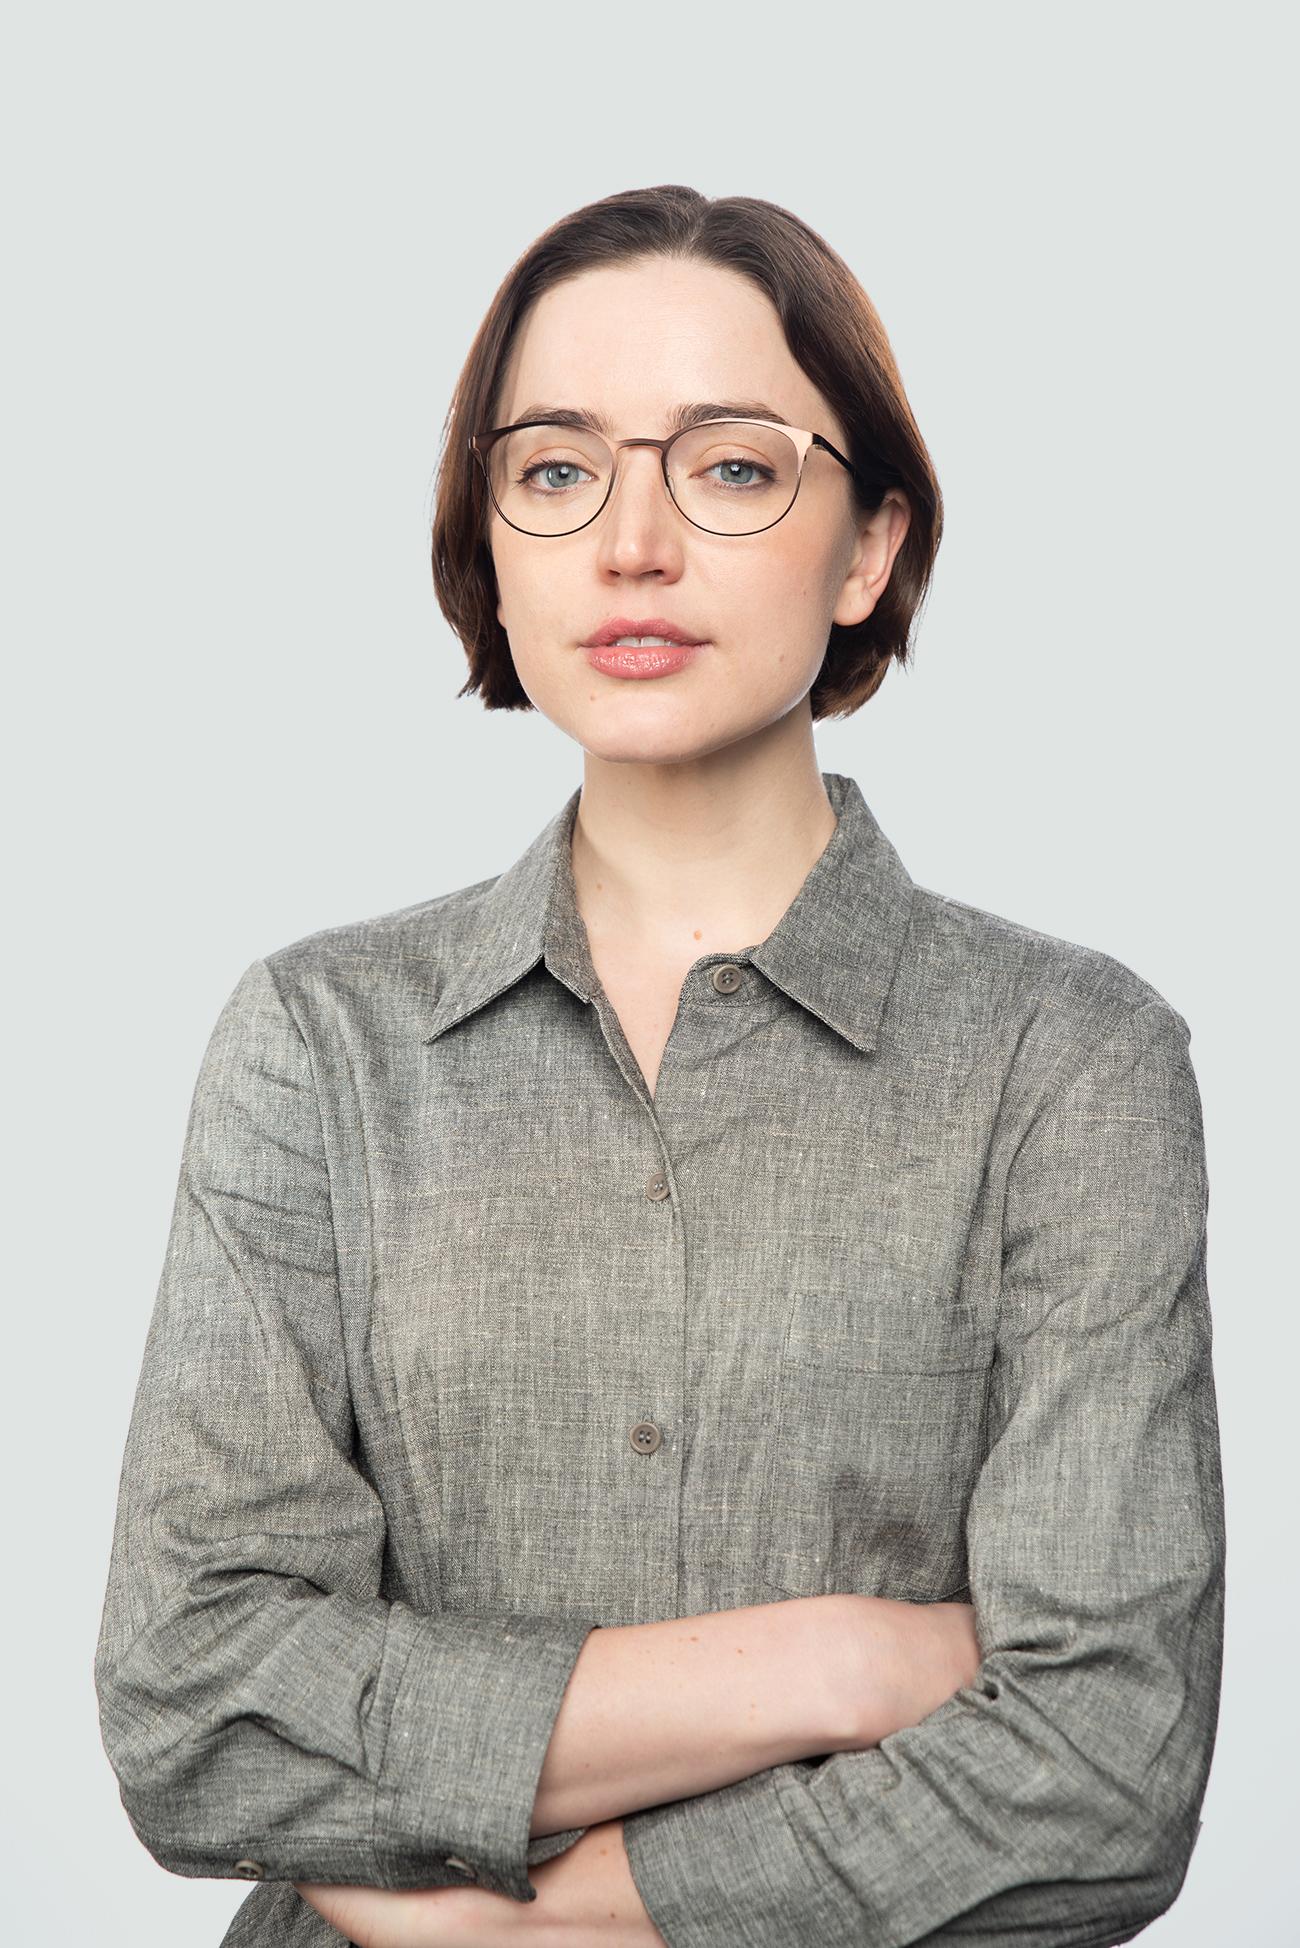 brunette woman wearing metal brown glasses